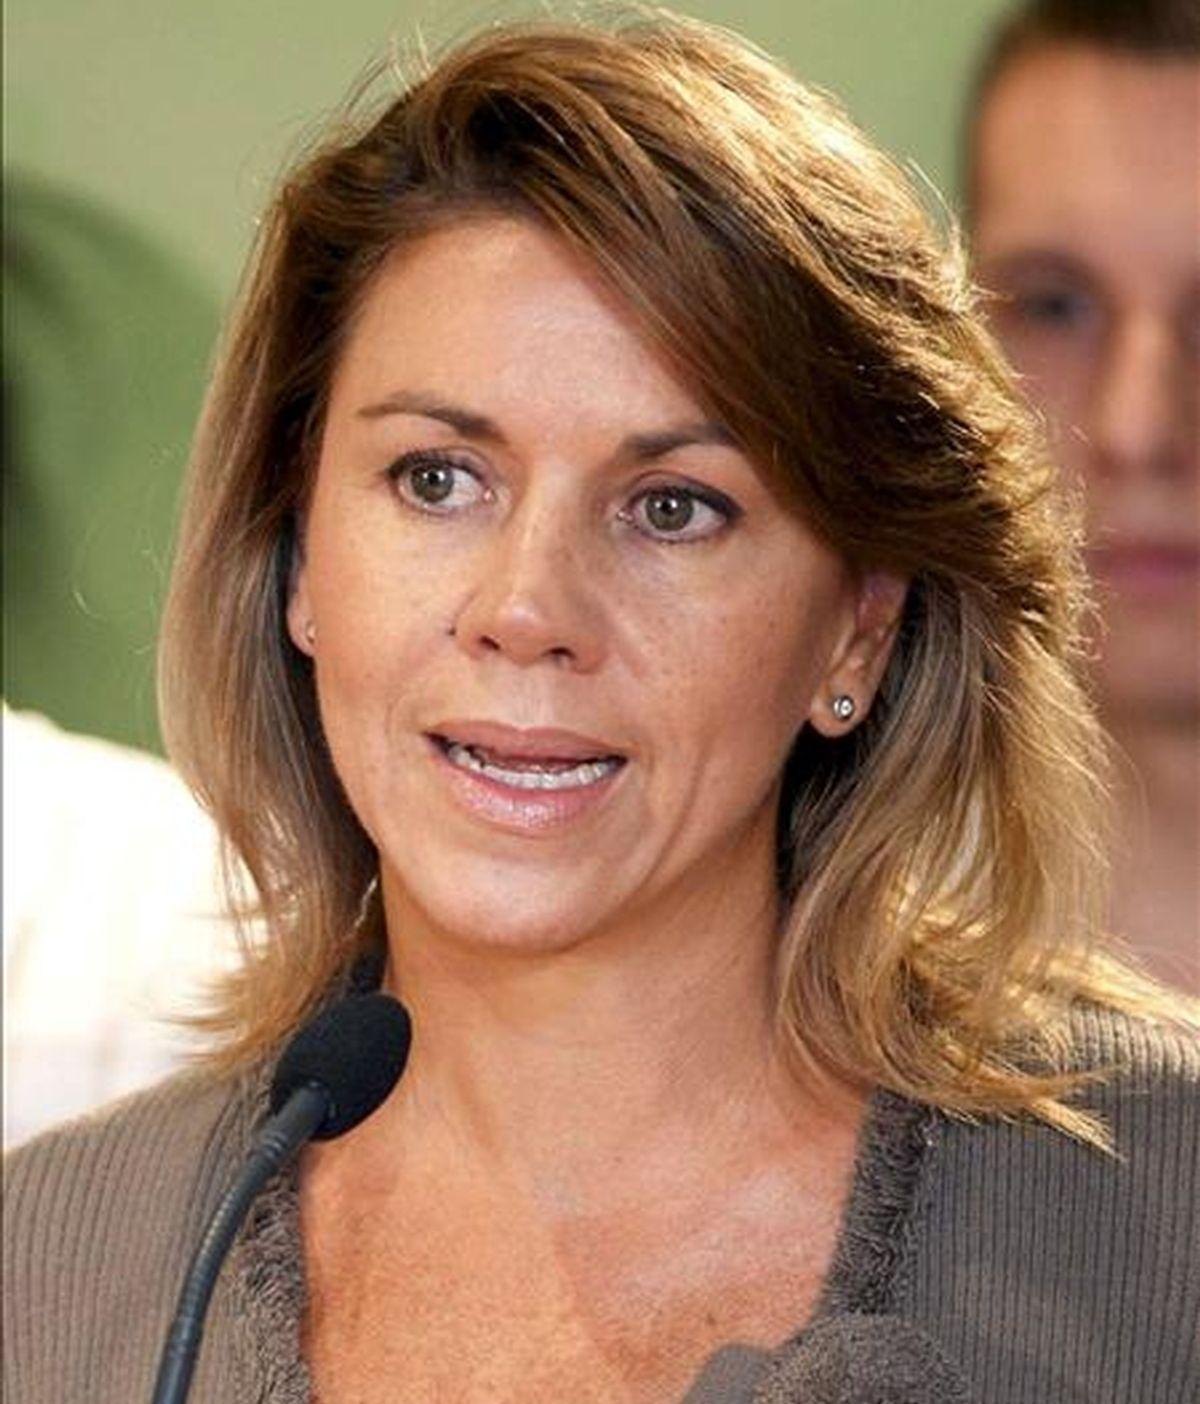 La presidenta del PP de Castilla-La Mancha y secretaria general nacional, María Dolores Cospedal. EFE/Archivo